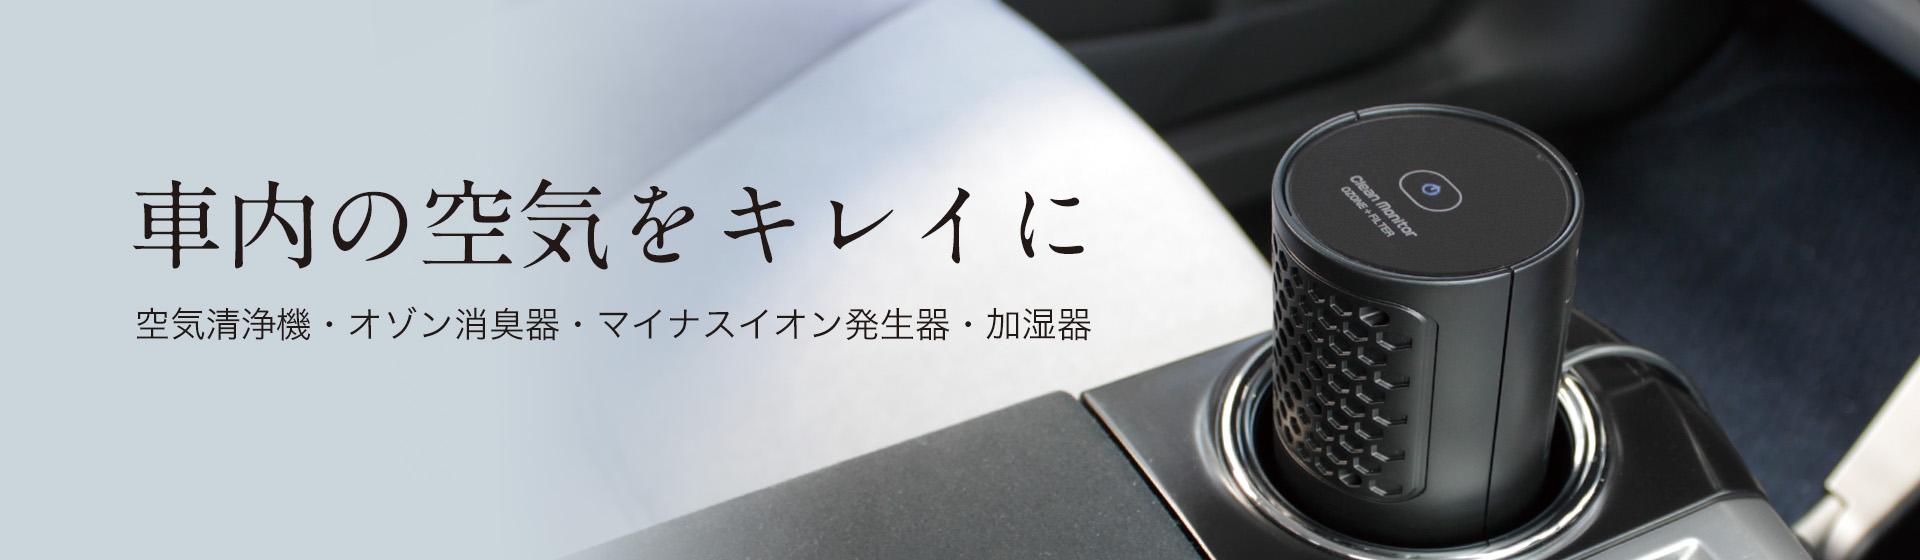 banner_file.jpg